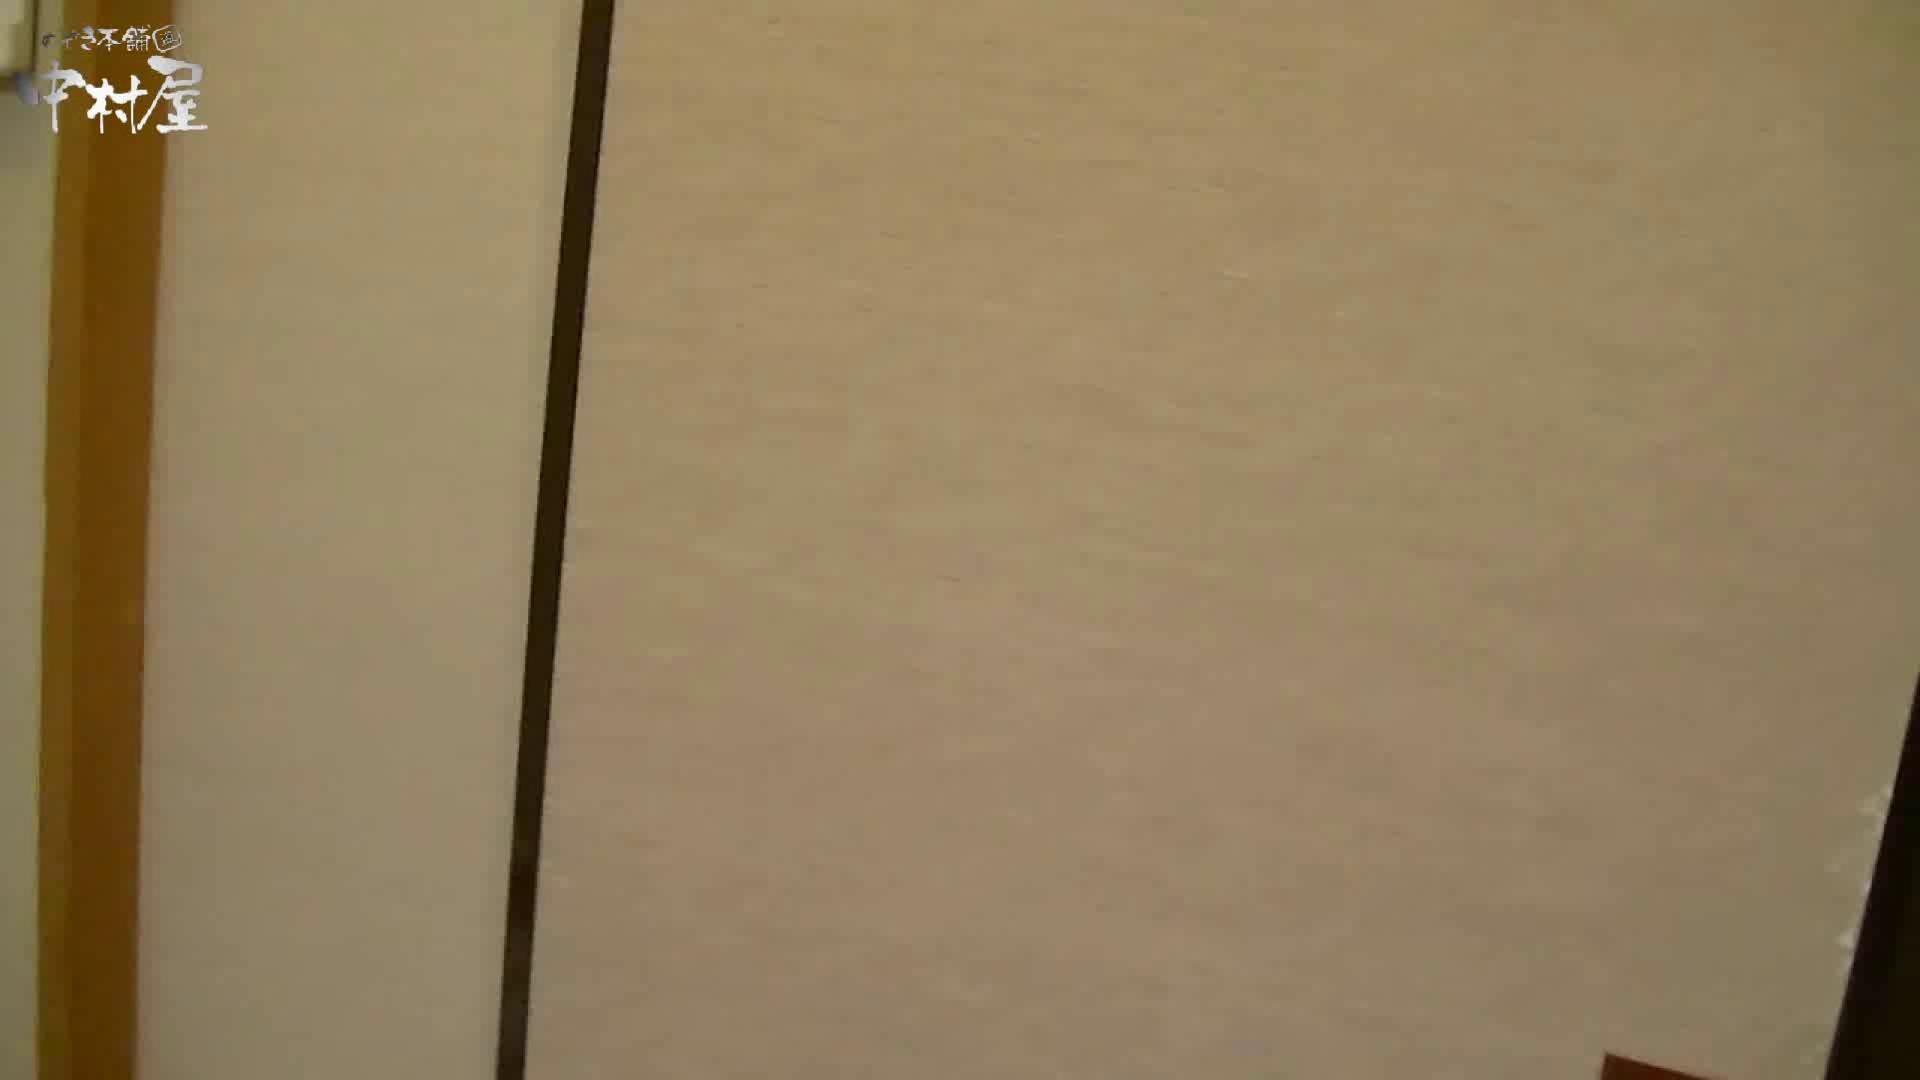 ネムリ姫 vol.47 鬼畜 | レイプ  78枚 1